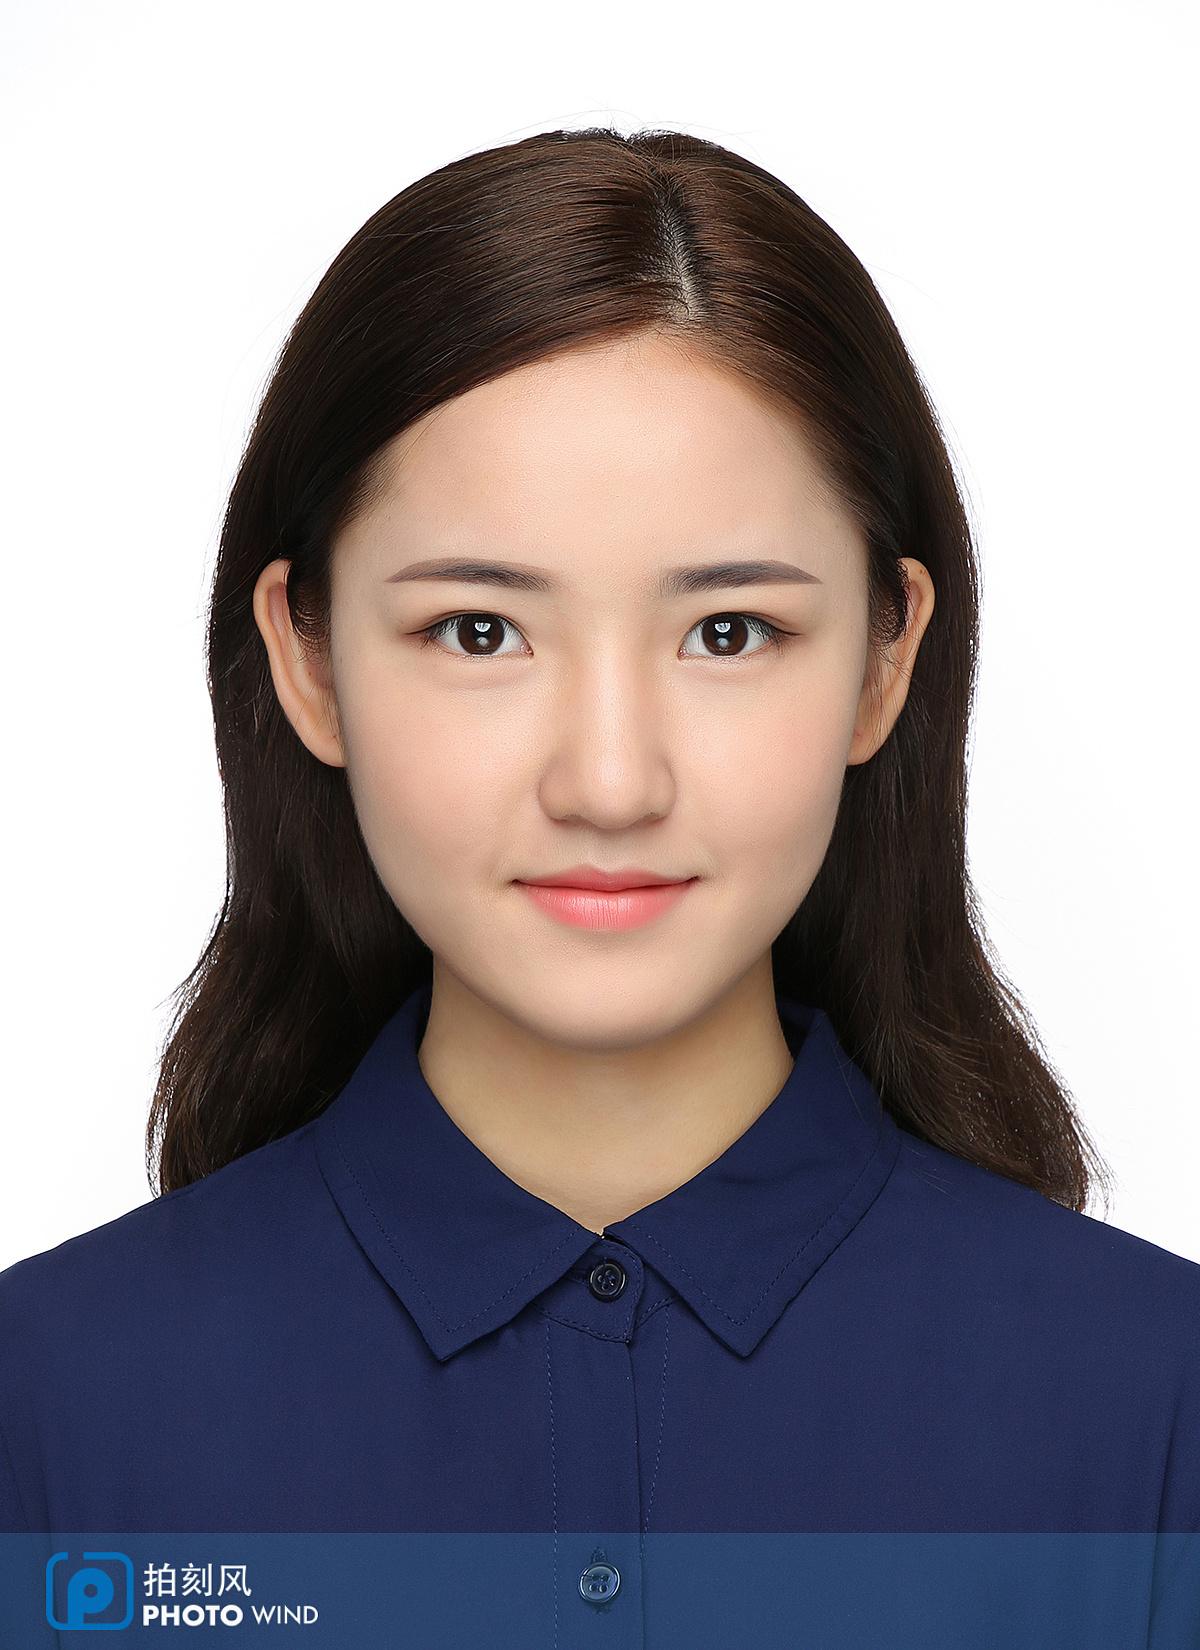 照_拍刻风最美证件照广州最美证件照拍刻风照相馆|摄影|人像|拍刻